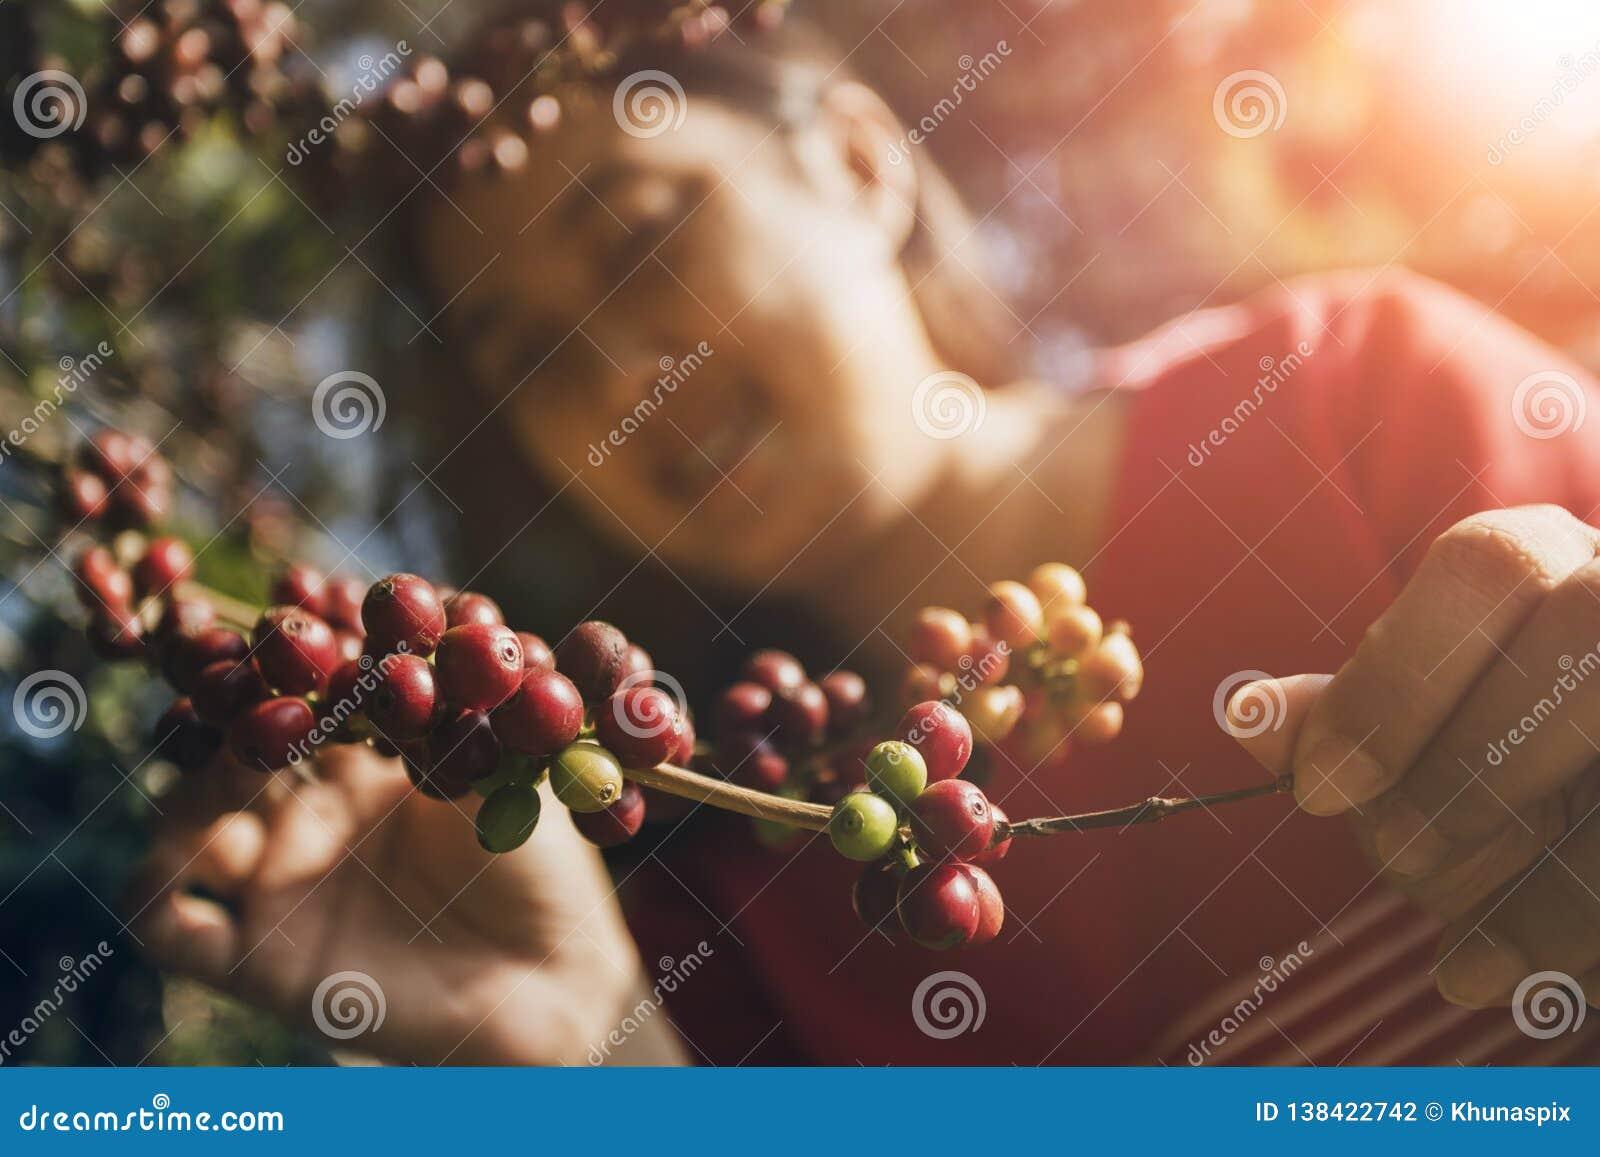 Gesichts-Glückgefühl der Asiatin lächelndes nahe Rohkaffeesamen auf Baumast